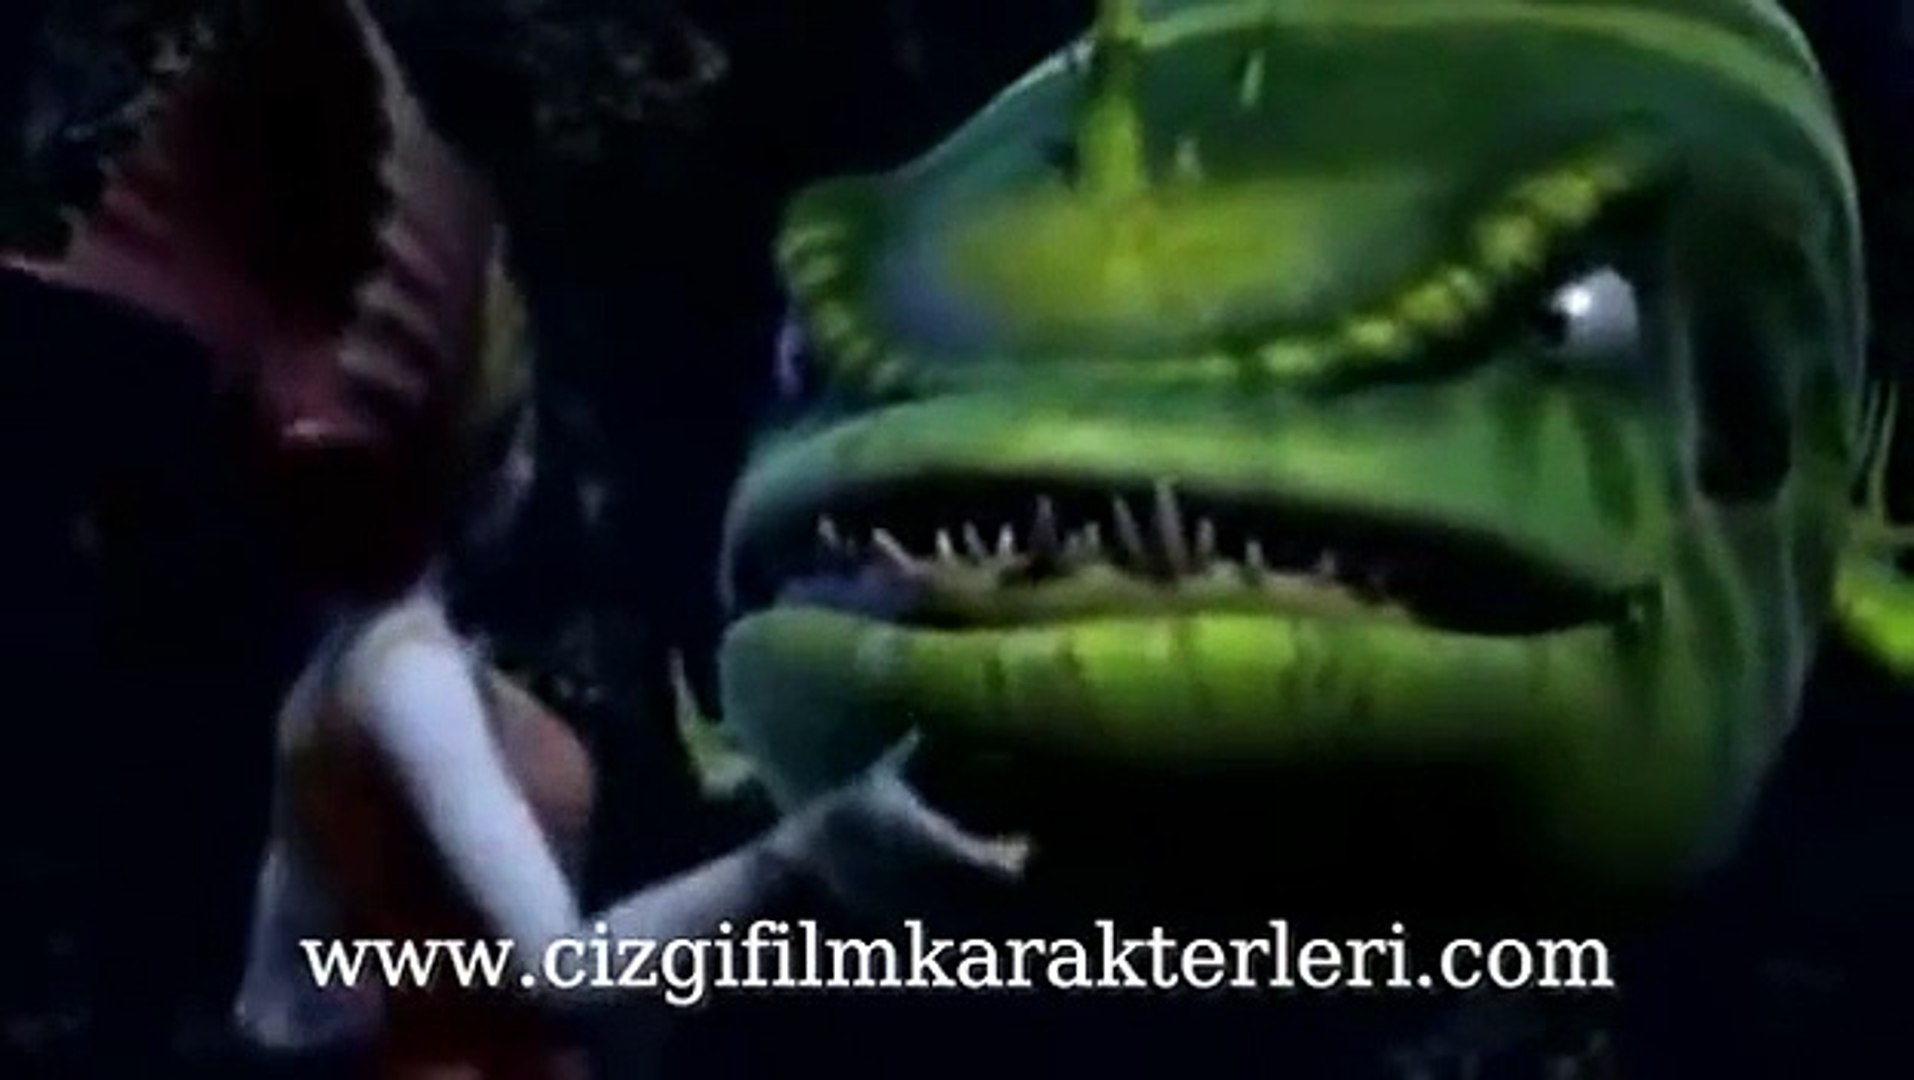 Barbi Deniz Kızı Hikayesi 2 izle 6. Bölüm Çizgi Filmi İzle - Çizgi Film Karakterleri İzle